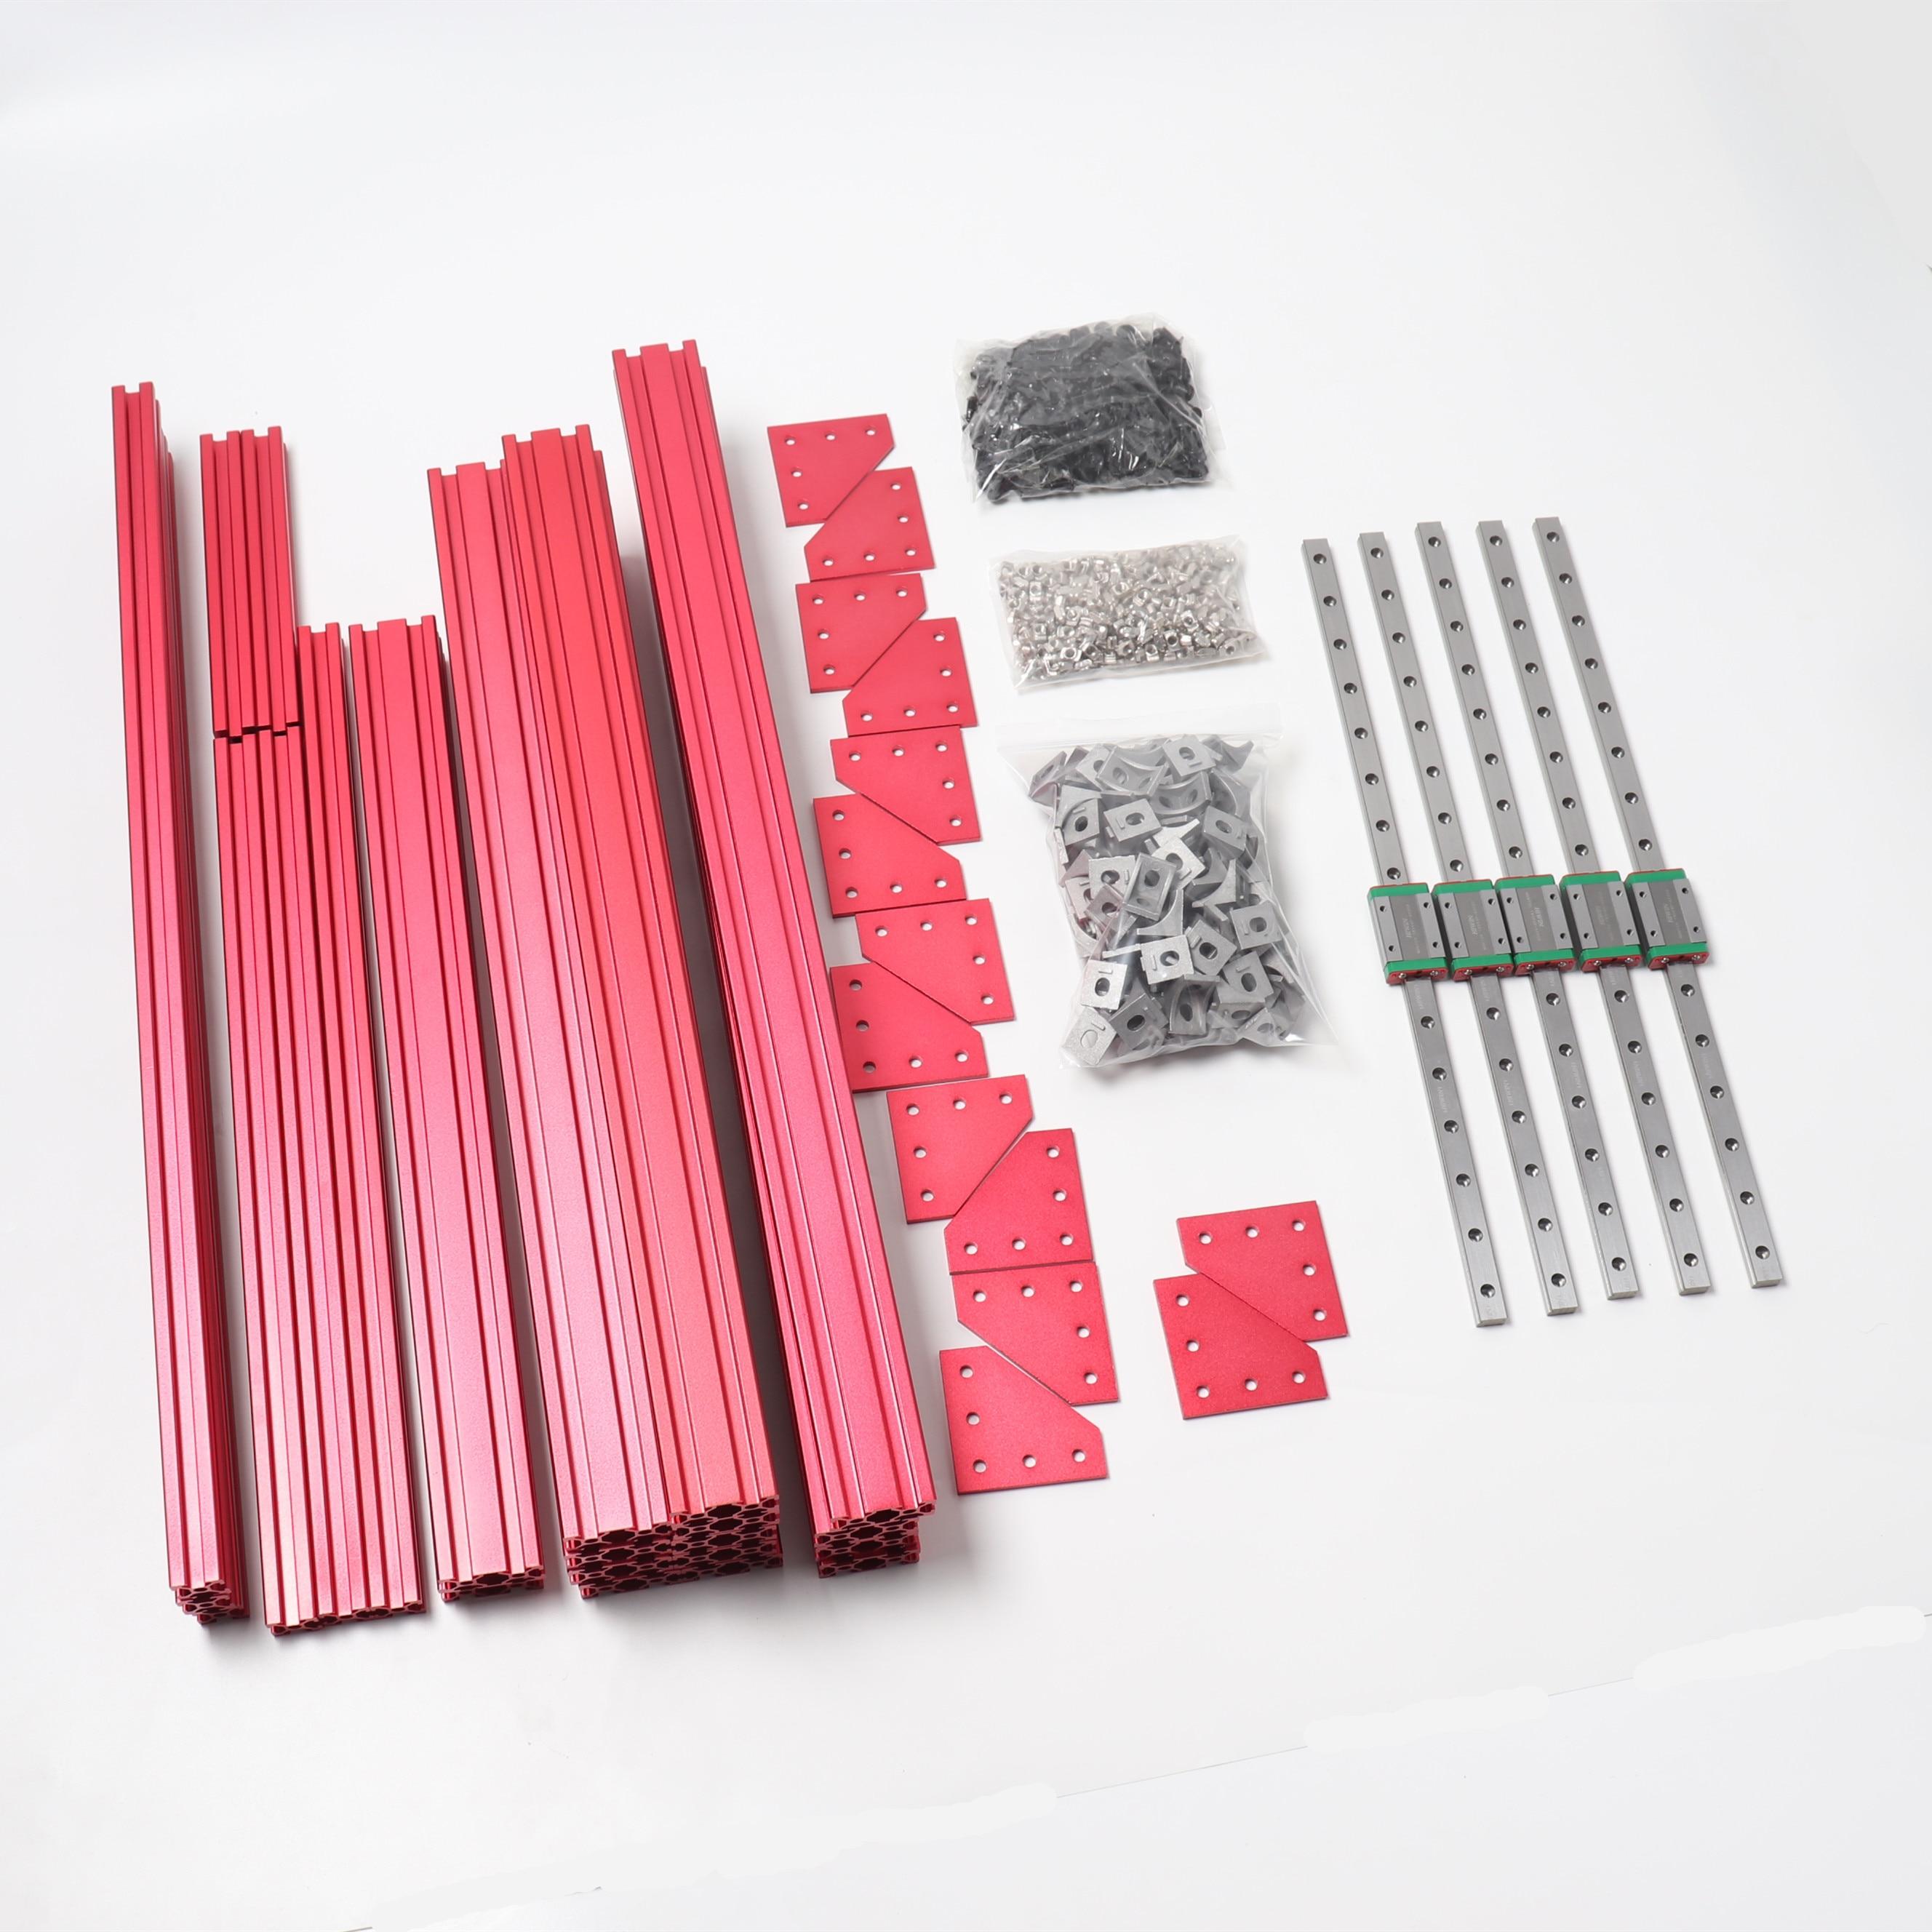 BLV MGN12 Куб 3d принтер экструзии Рамка комплект с подлинным Hiwin MGN12H 400 мм линейные рельсы